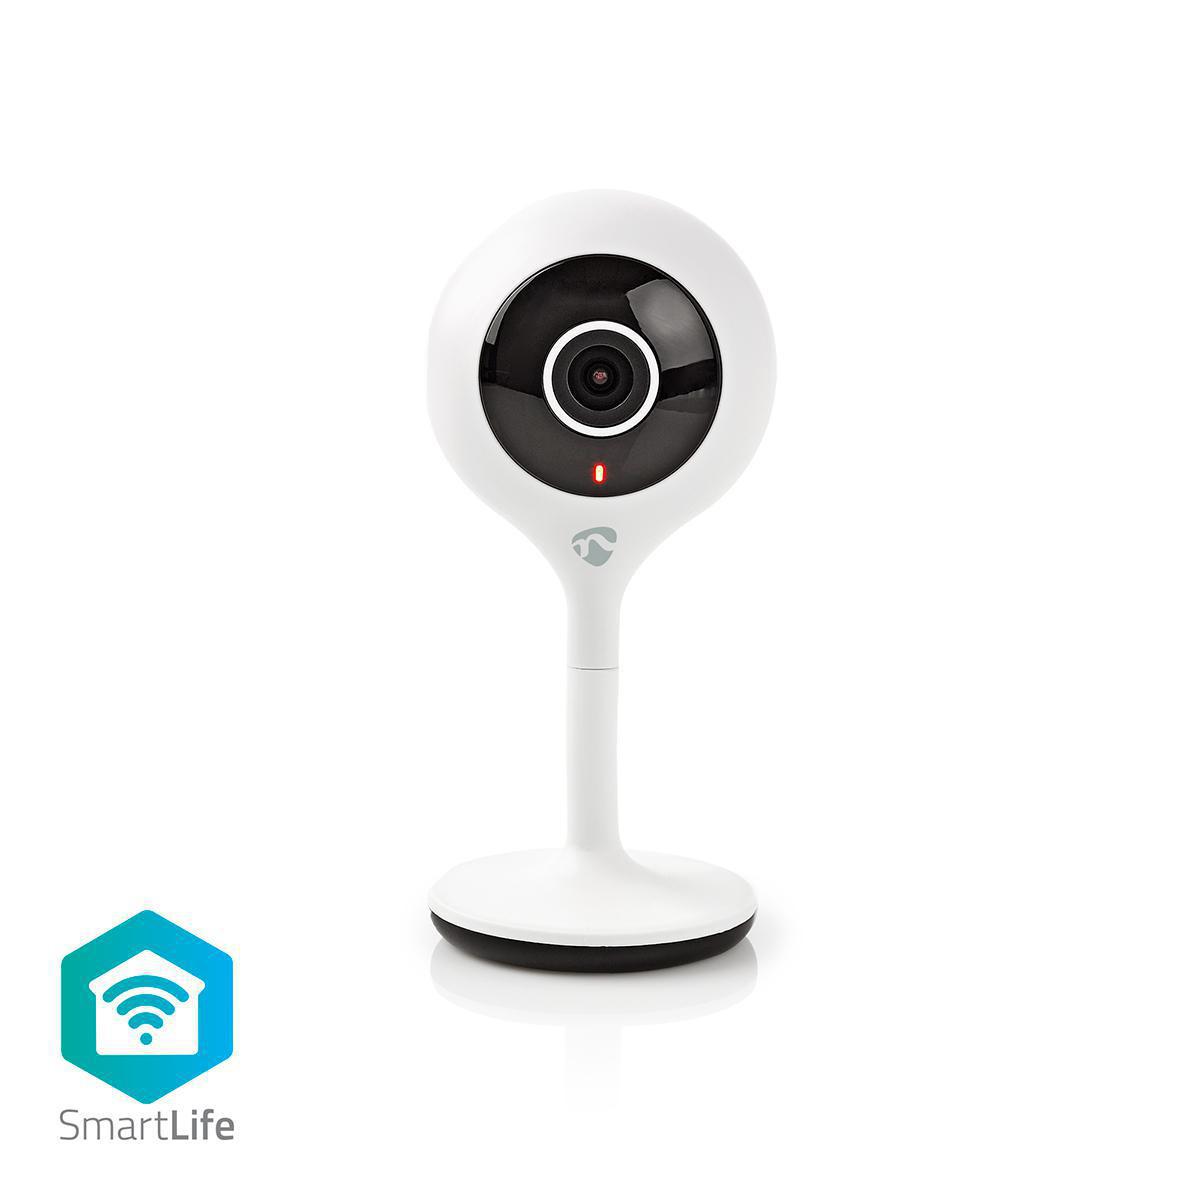 Deze SmartHome IP-camera is een essentiële aanvulling op elk smarthomesysteem, verbindt u rechtstreeks met uw Wi-Fi-netwerk – geen extra hub vereist - en wordt geactiveerd door elke beweging en elk geluid in de ruimte.